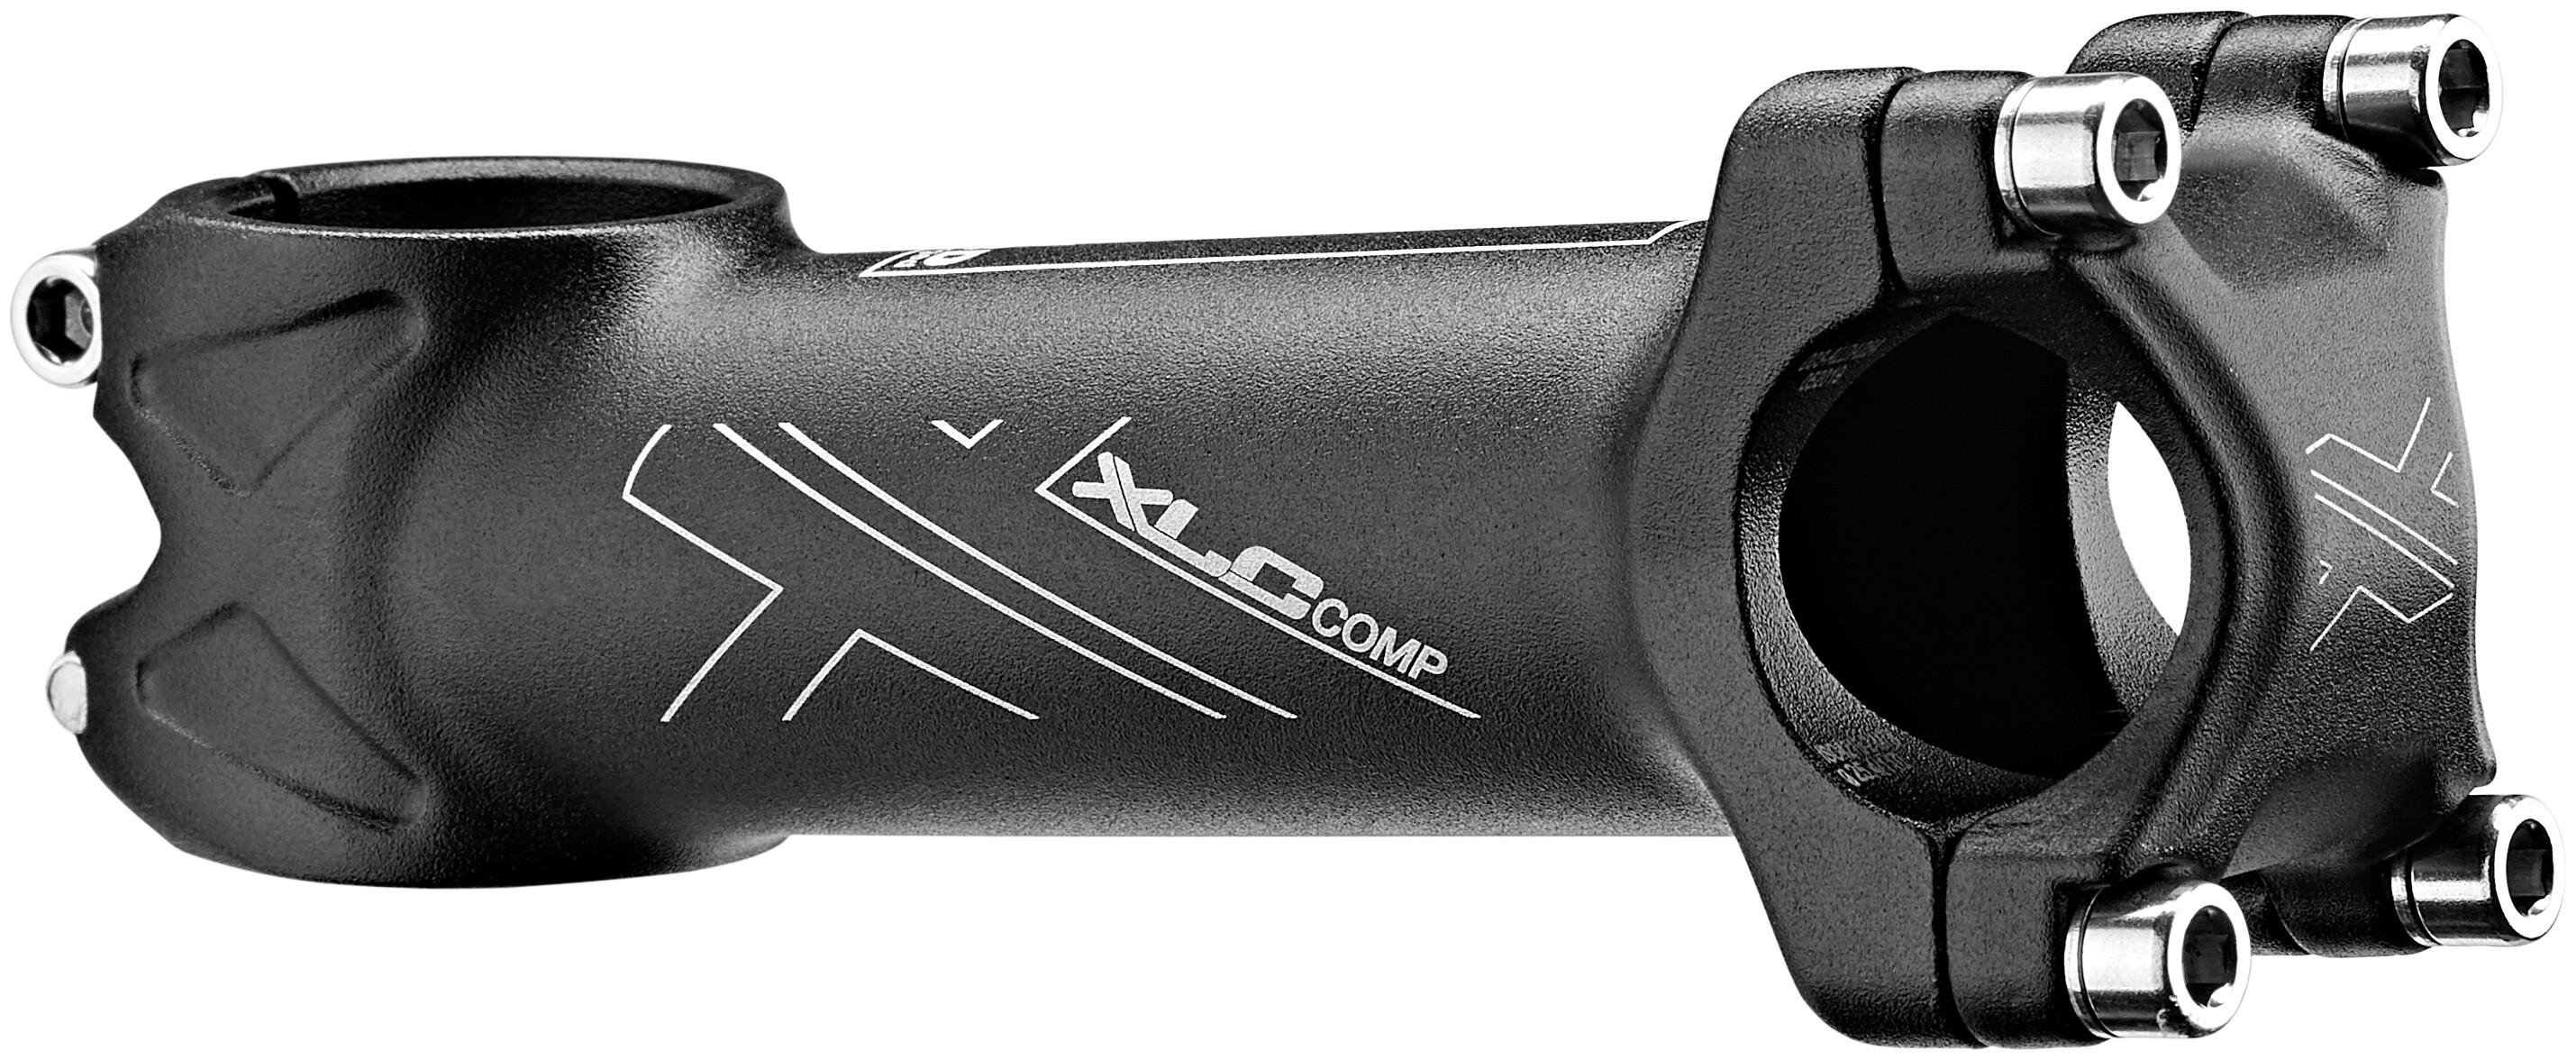 """XLC Comp A-Head Vorbau ST-M15 Alu 35° 1 1//8/"""" Ø25,4mm 60mm Fahrrad schwarz"""